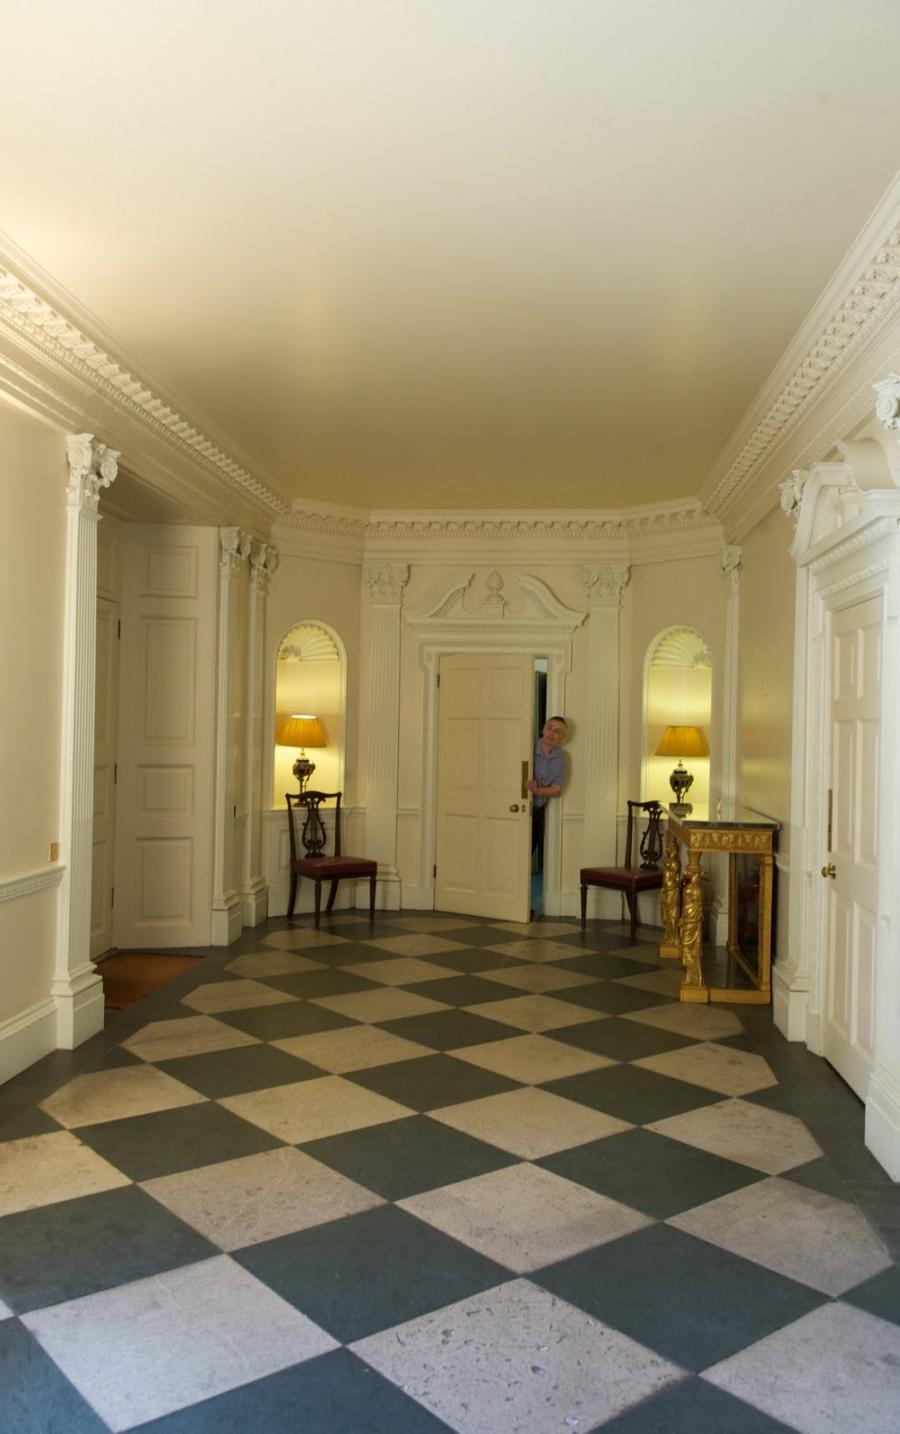 Kensington Palace Interior Photos